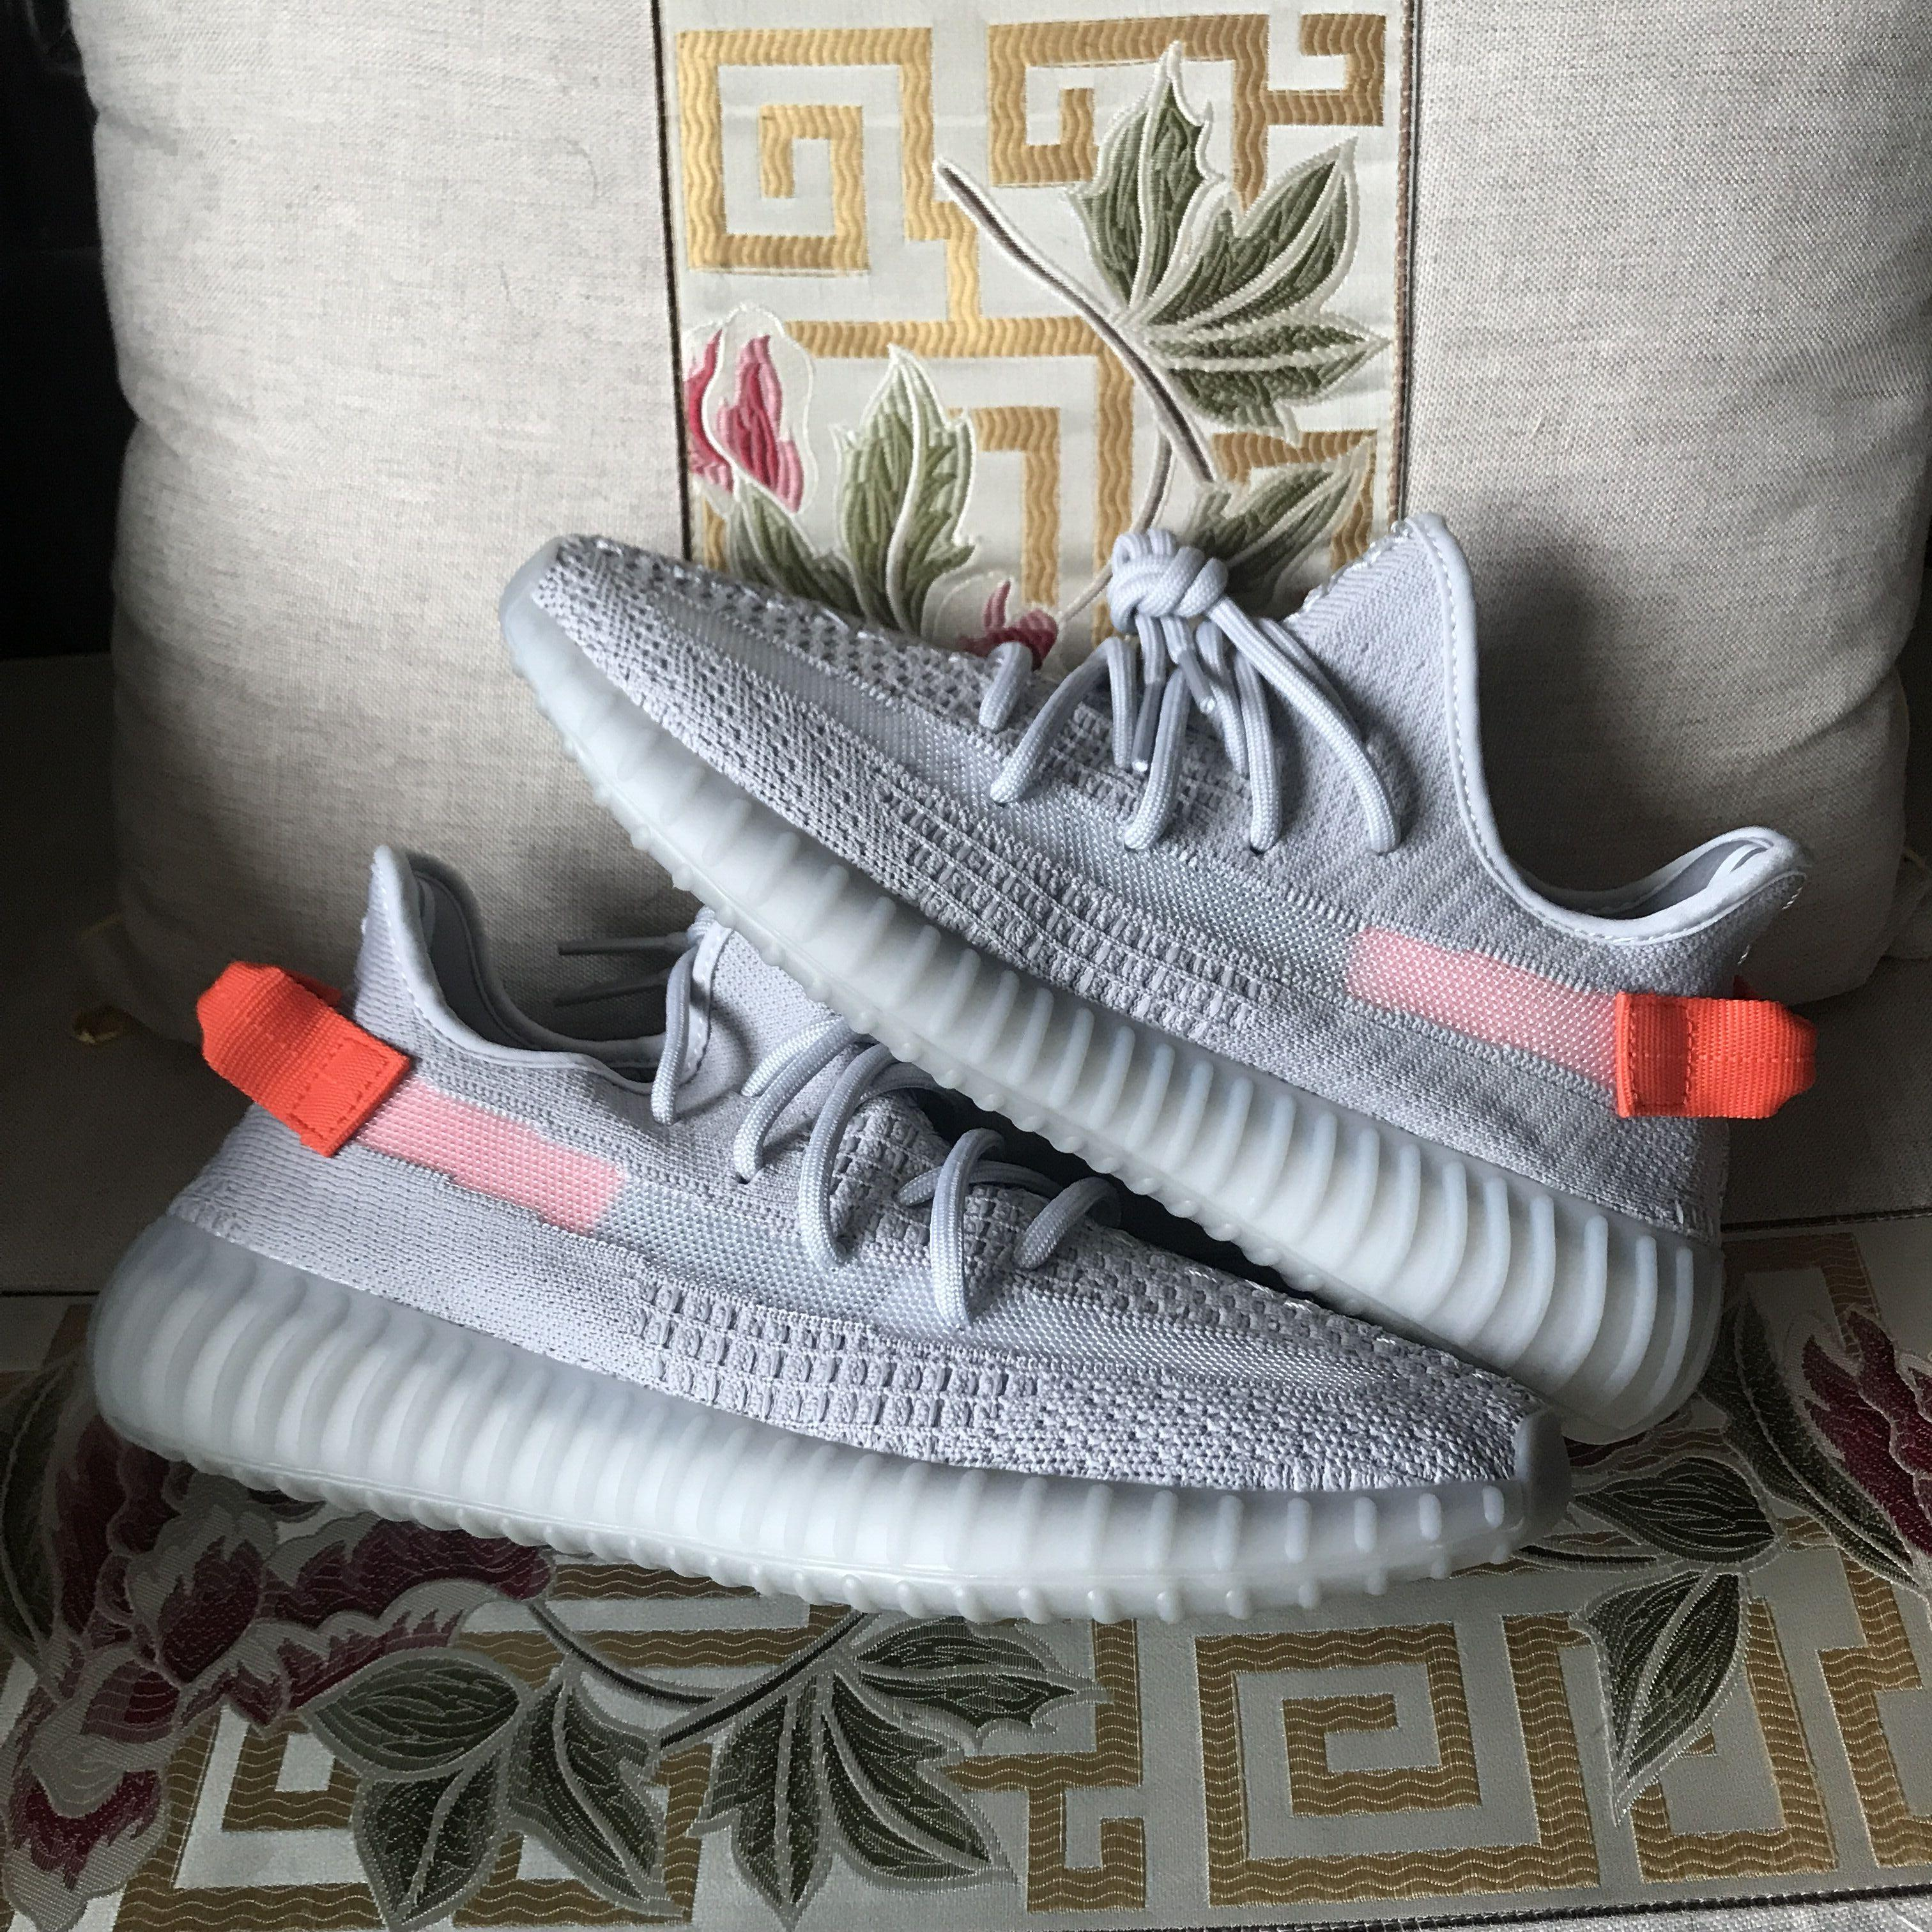 O envio gratuito de Kanye West correndo sapatos, sapatos desportivos, luz da cauda, Cinder, sábio do deserto, sapatos da moda Terra, de qualidade superior